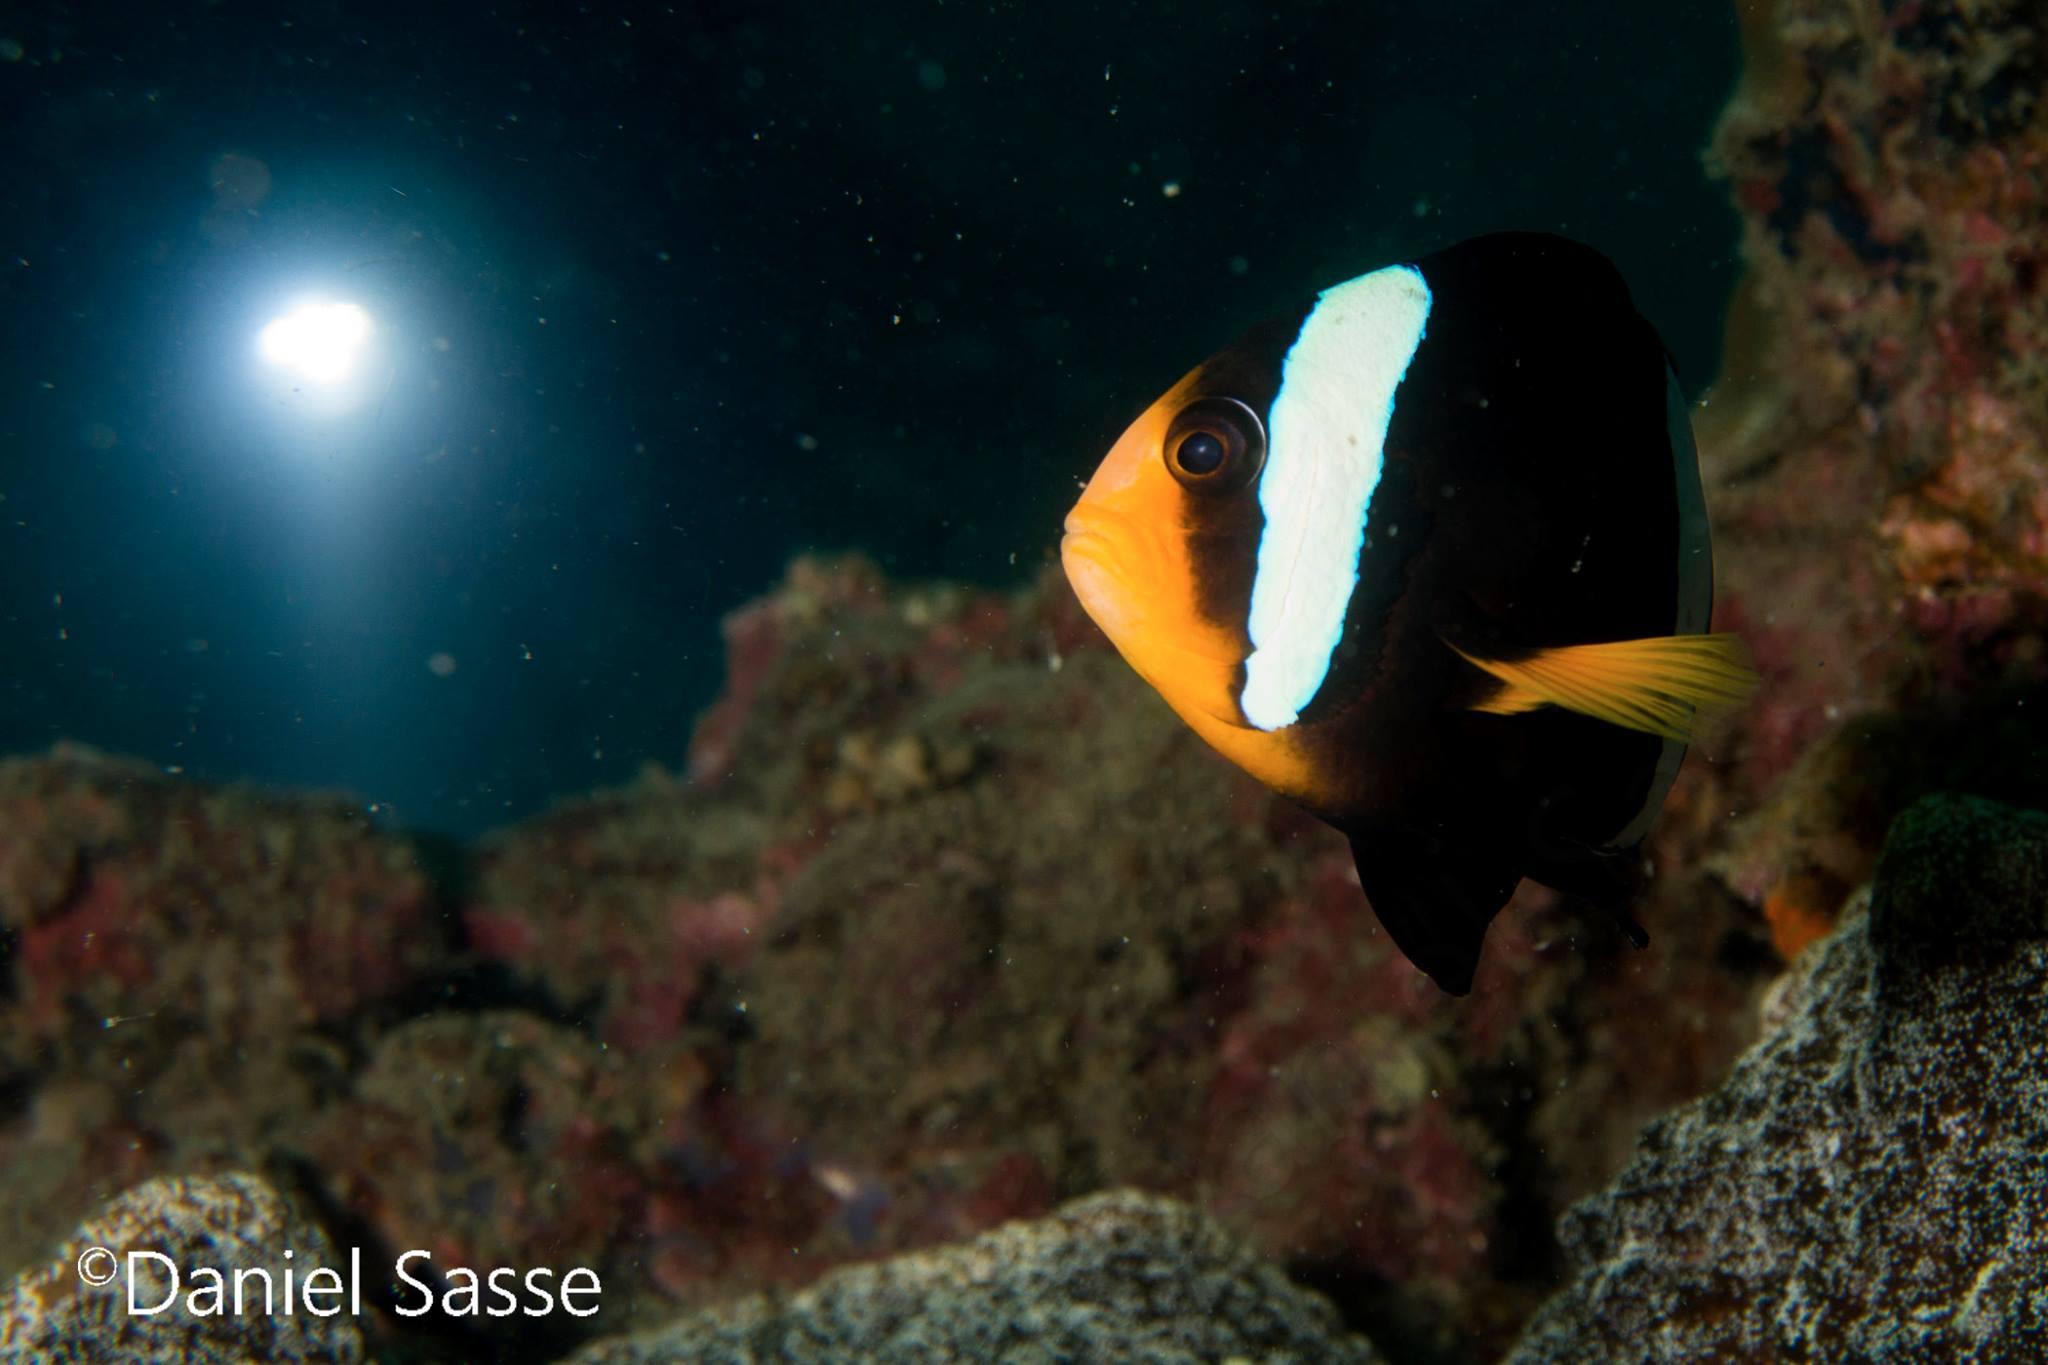 Nightdive Clarks Anemone fish